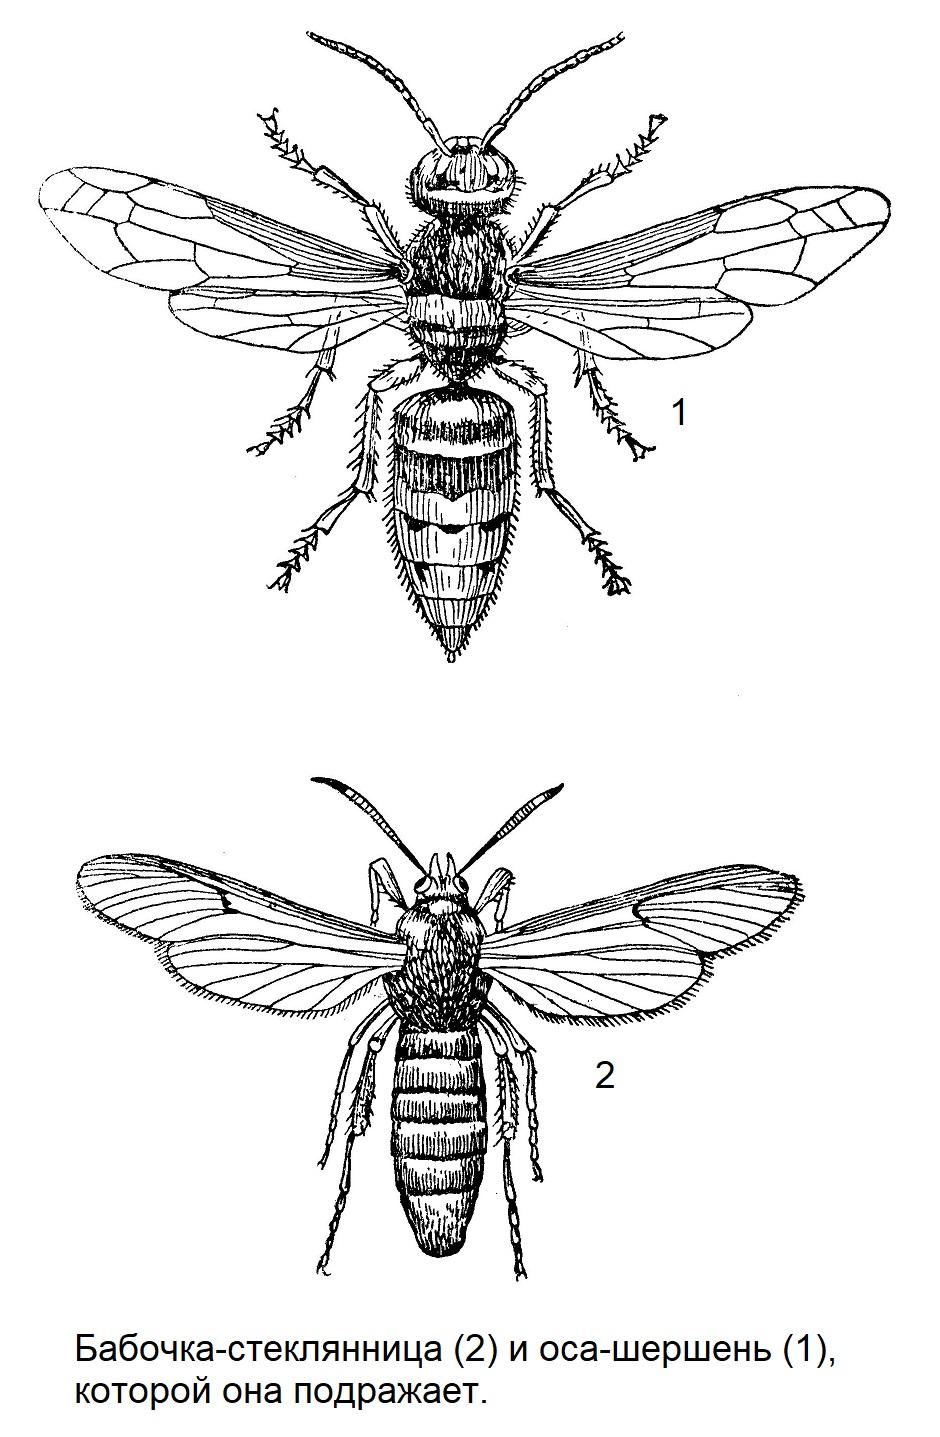 Бабочка-стеклянница (2) и оса-шершень (1), которой она подражает